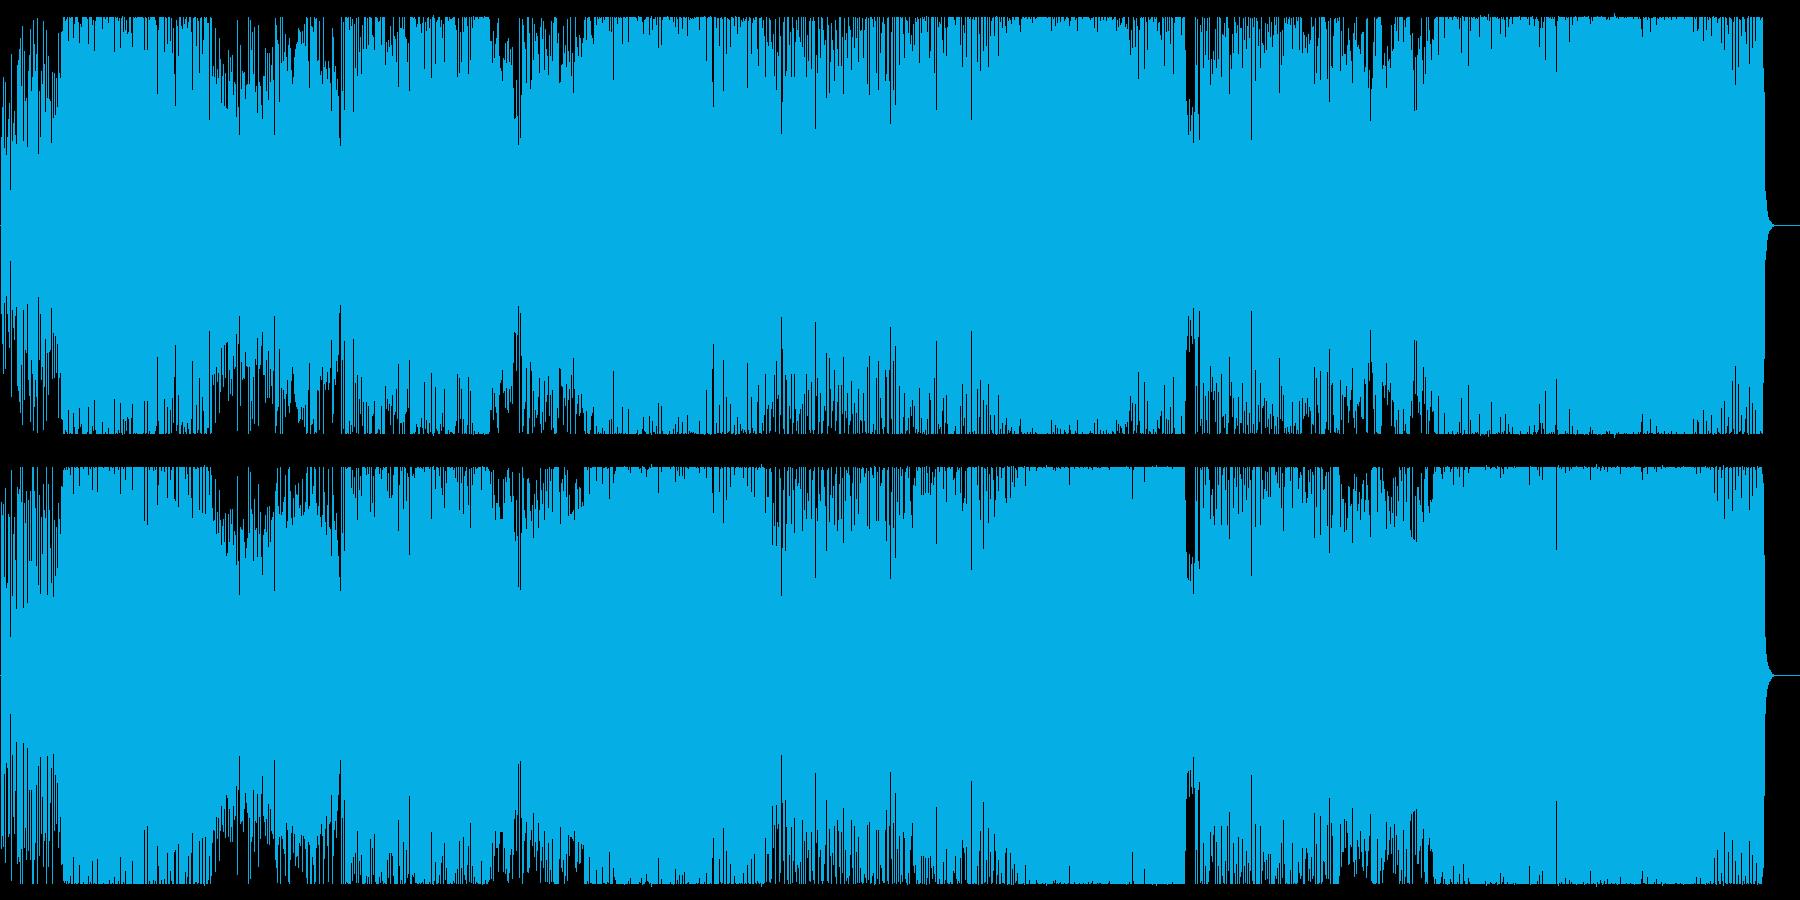 【生録音】展開豊かなノリ良いジャズロックの再生済みの波形